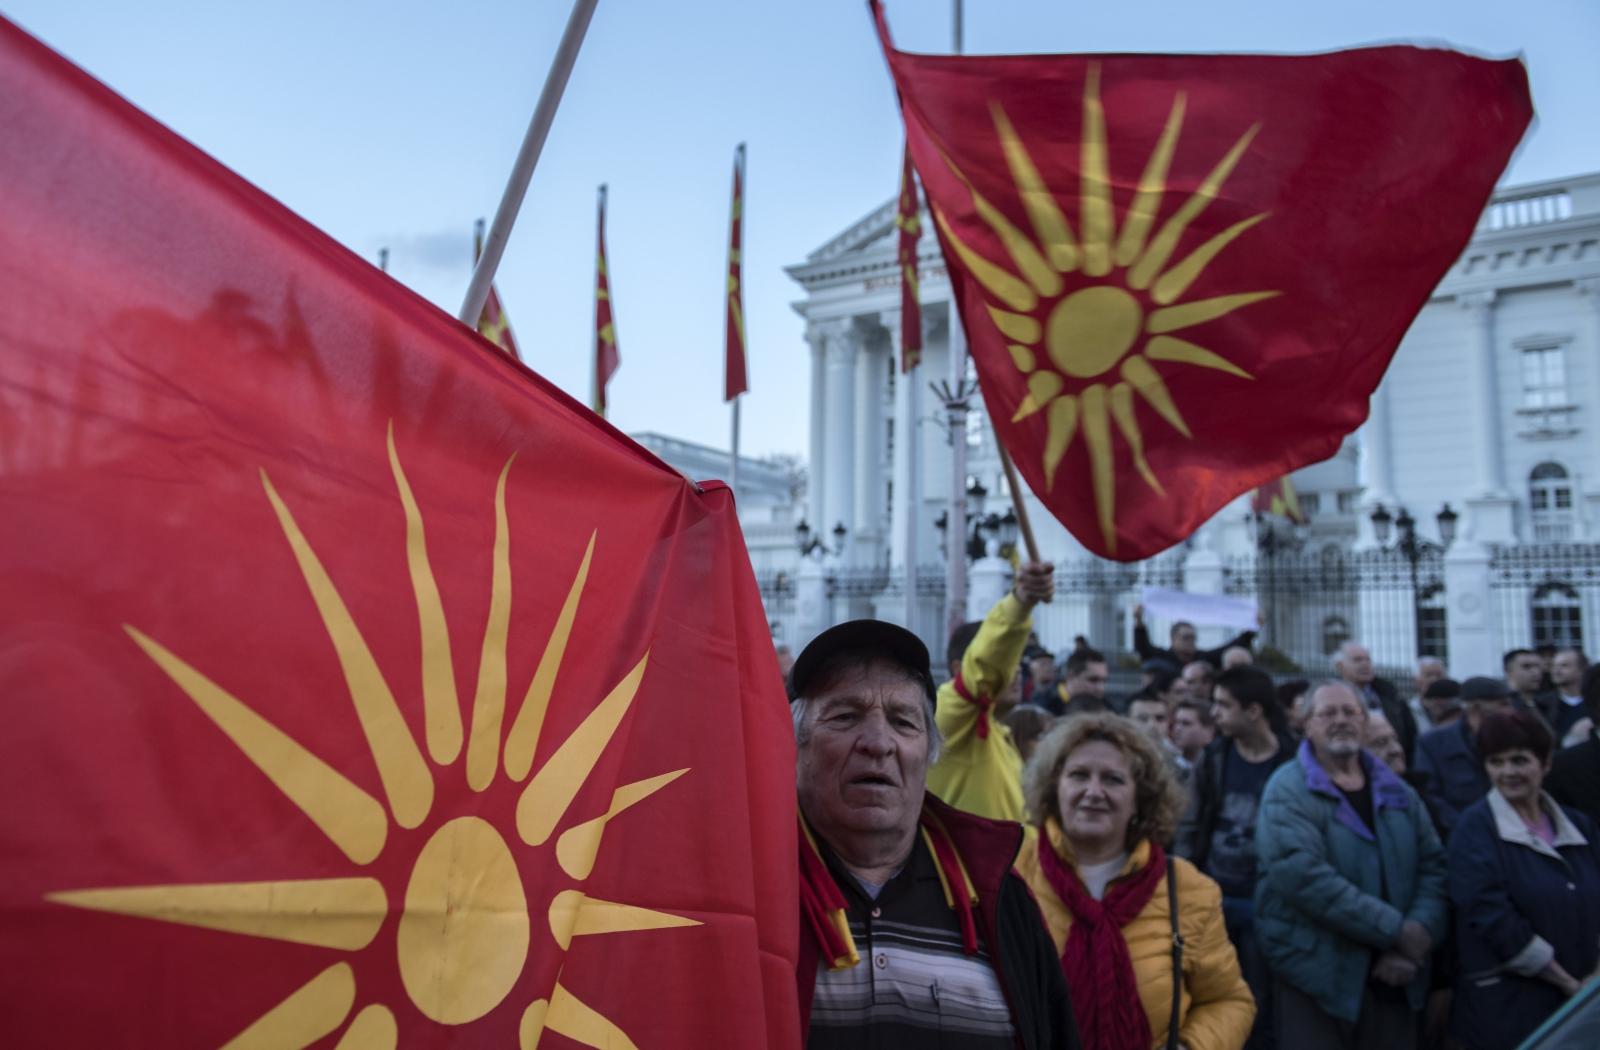 Zwolennicy Obywatelskiej Inicjatywy dla Zjednoczonej Macedonii niosą stare macodeńskie flagi i krzyczą antyrządowe hasła pod budynkiem rządu w Skopje, Macedonia.